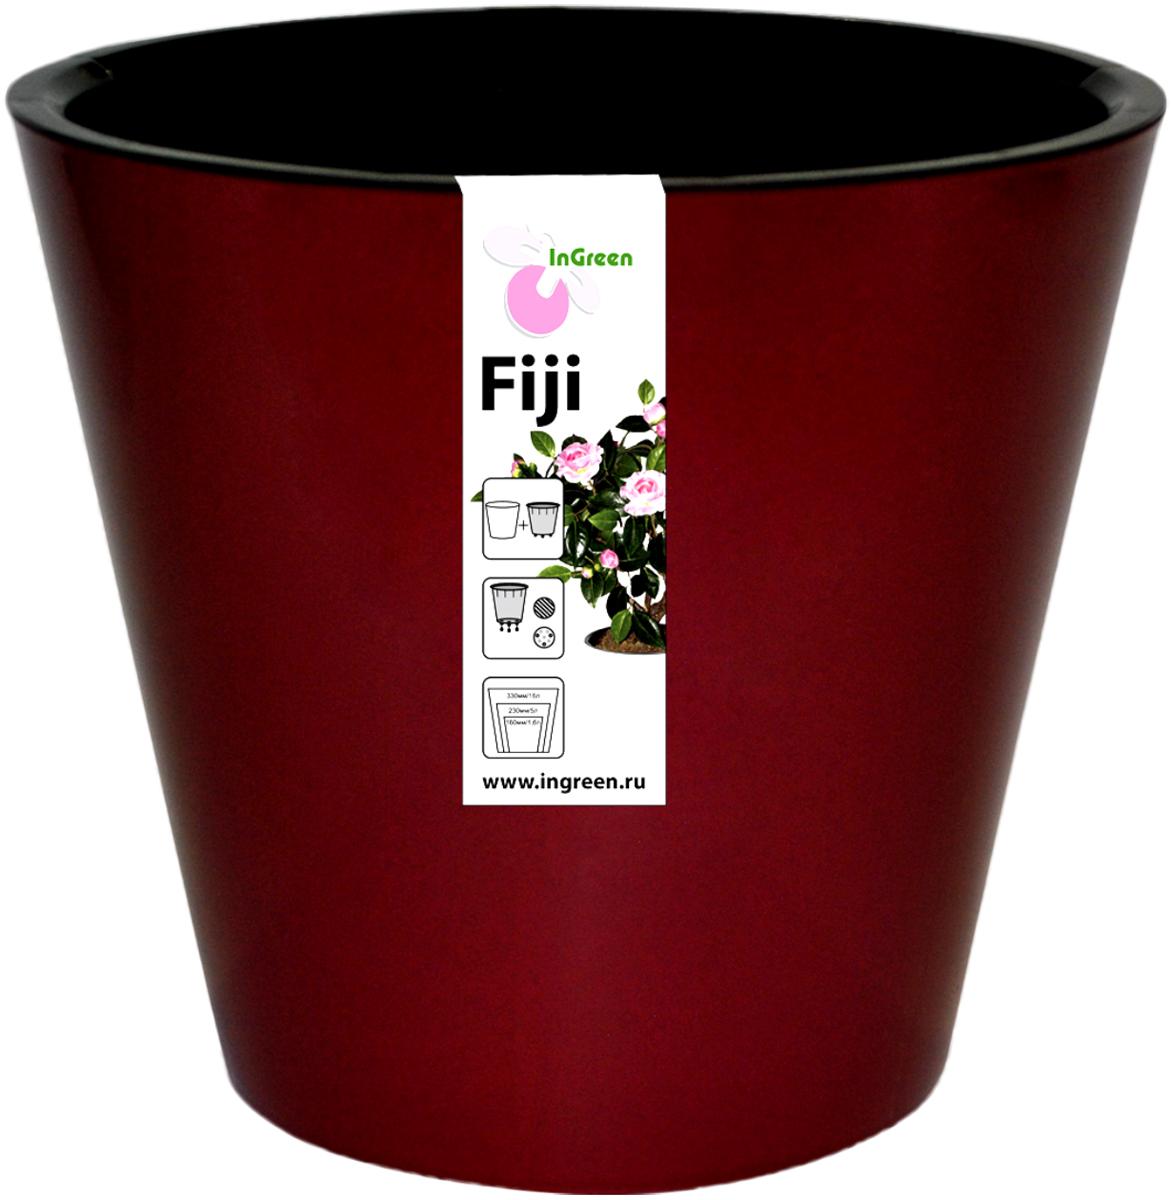 Горшок для цветов InGreen Фиджи, с ситемой атополива, цвет: бордовый, диаметр 16 смZ-0307Горшок InGreen Фиджи, выполненный из высококачественного пластика, предназначен для выращивания комнатных цветов, растений и трав. Специальная конструкция обеспечивает вентиляцию в корневой системе растения, а дренажные отверстия позволяют выходить лишней влаге из почвы. Изделие состоит из цветного кашпо и внутреннего горшка. Растение высаживается во внутренний горшок и вставляется в кашпо. Инновационная система автополива обладает рядом преимуществ: экономит время при уходе за растением, вода не протекает при поливе и нет необходимости в подставке, корни не застаиваются в воде.Такой горшок порадует вас современным дизайном и функциональностью, а также оригинально украсит интерьер любого помещения. Объем: 1,6 л. Диаметр (по верхнему краю): 16 см.Высота: 14,5 см.